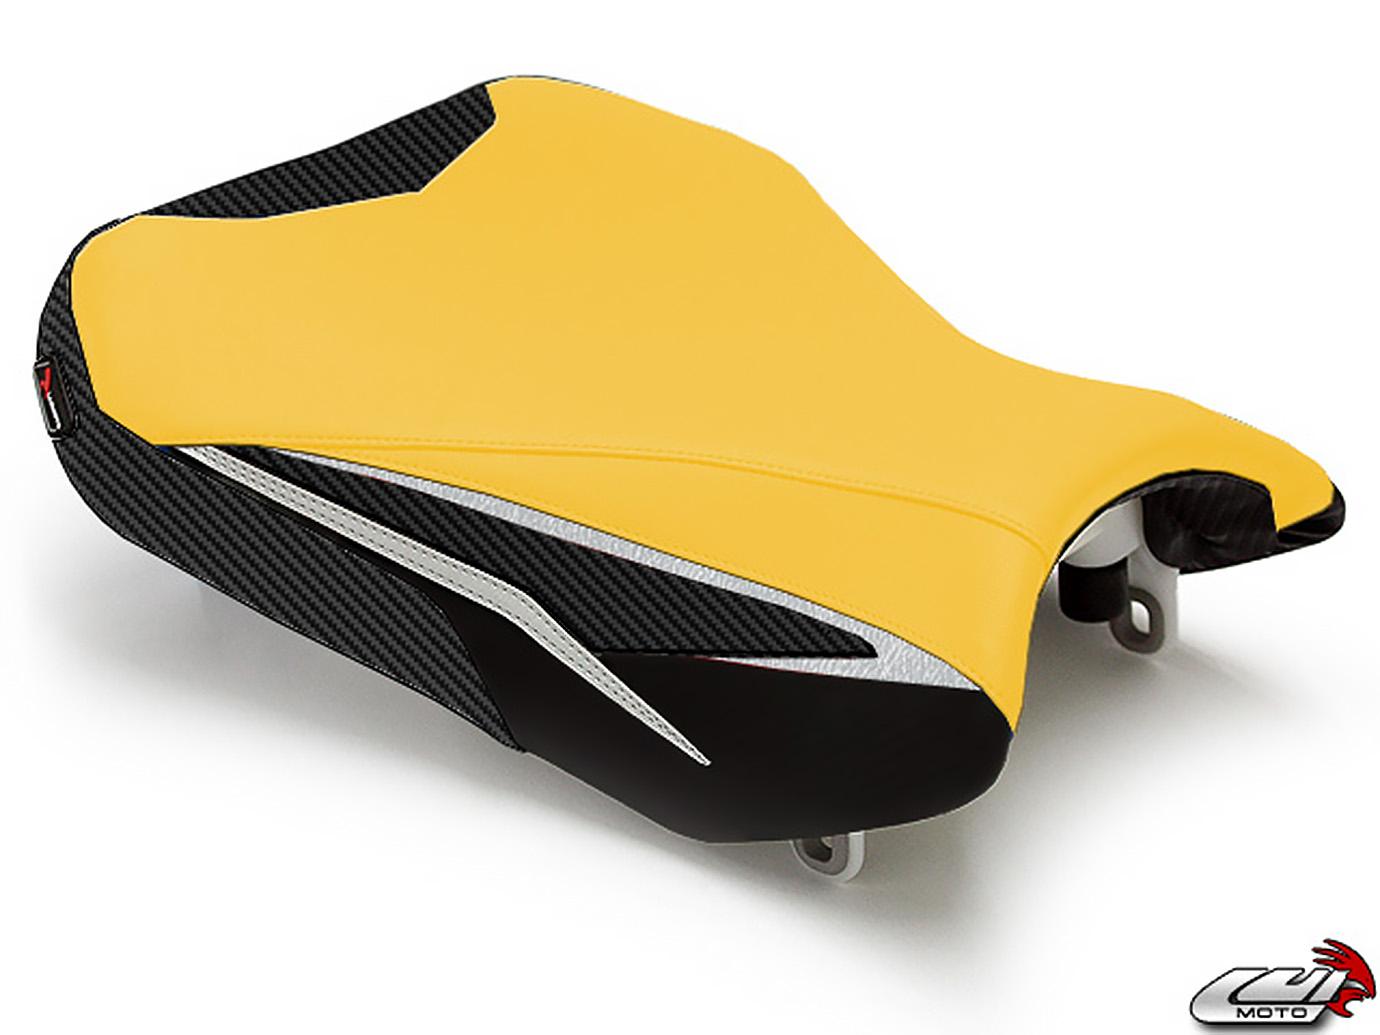 SUZUKI GSX-R 600 750 11-20 LUIMOTO 製ライダーシートカバー (Sport 4132105)